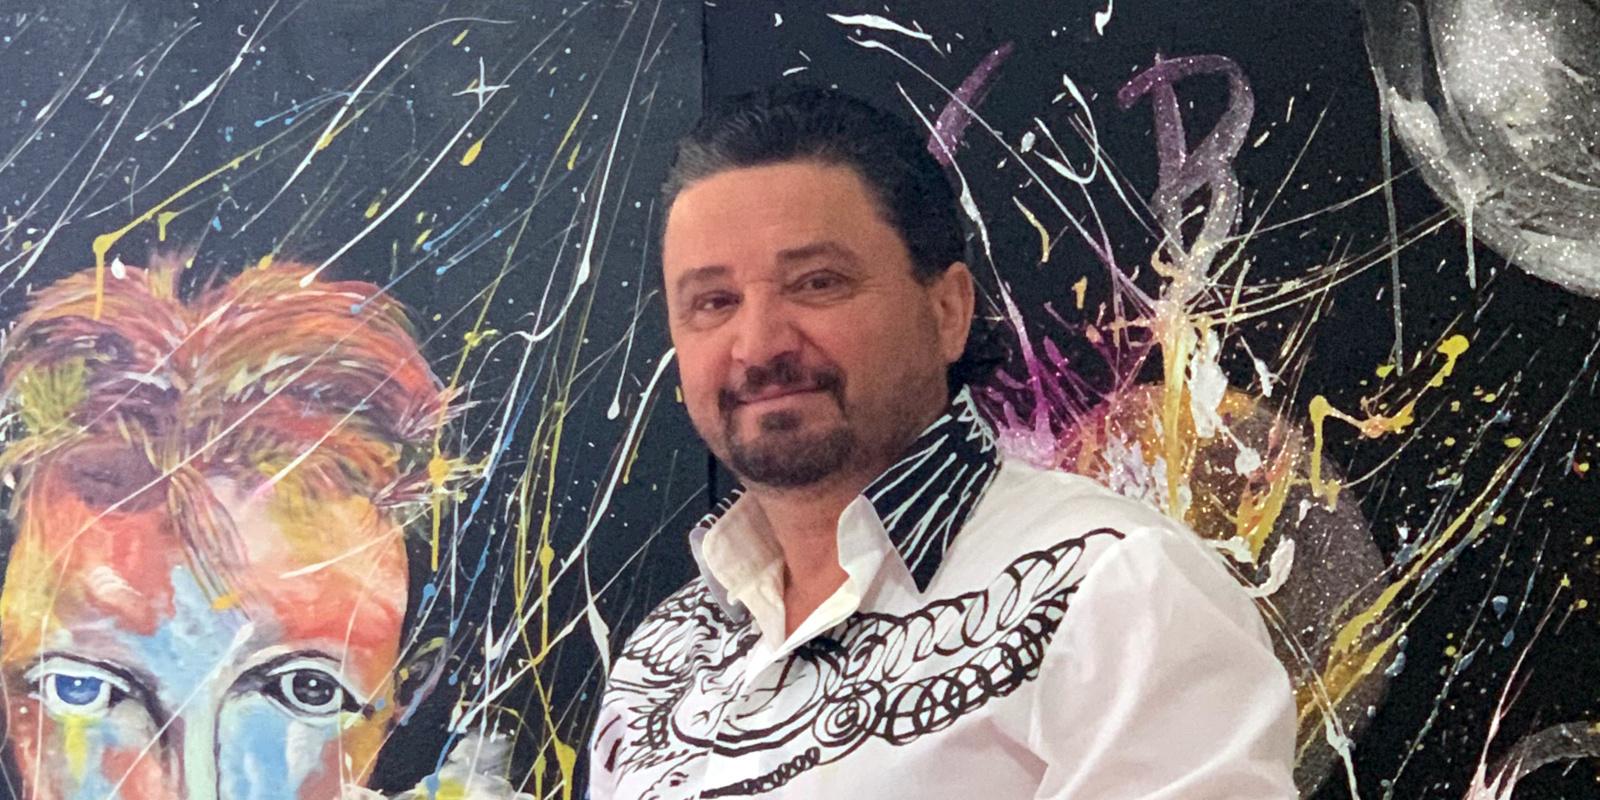 Vincent Pelonero